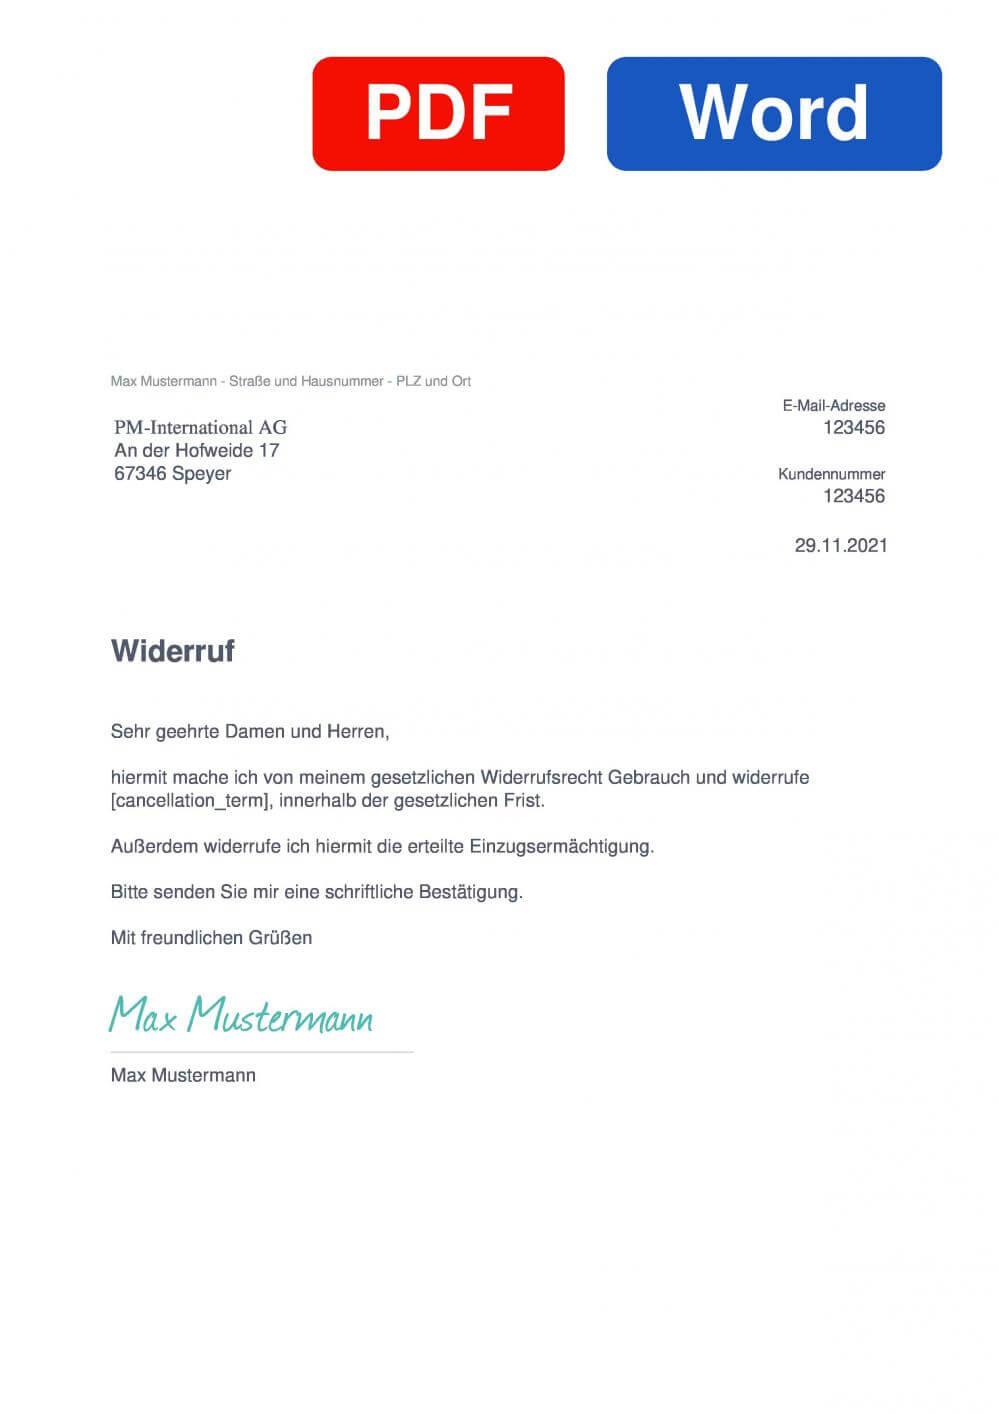 PM International Muster Vorlage für Wiederrufsschreiben